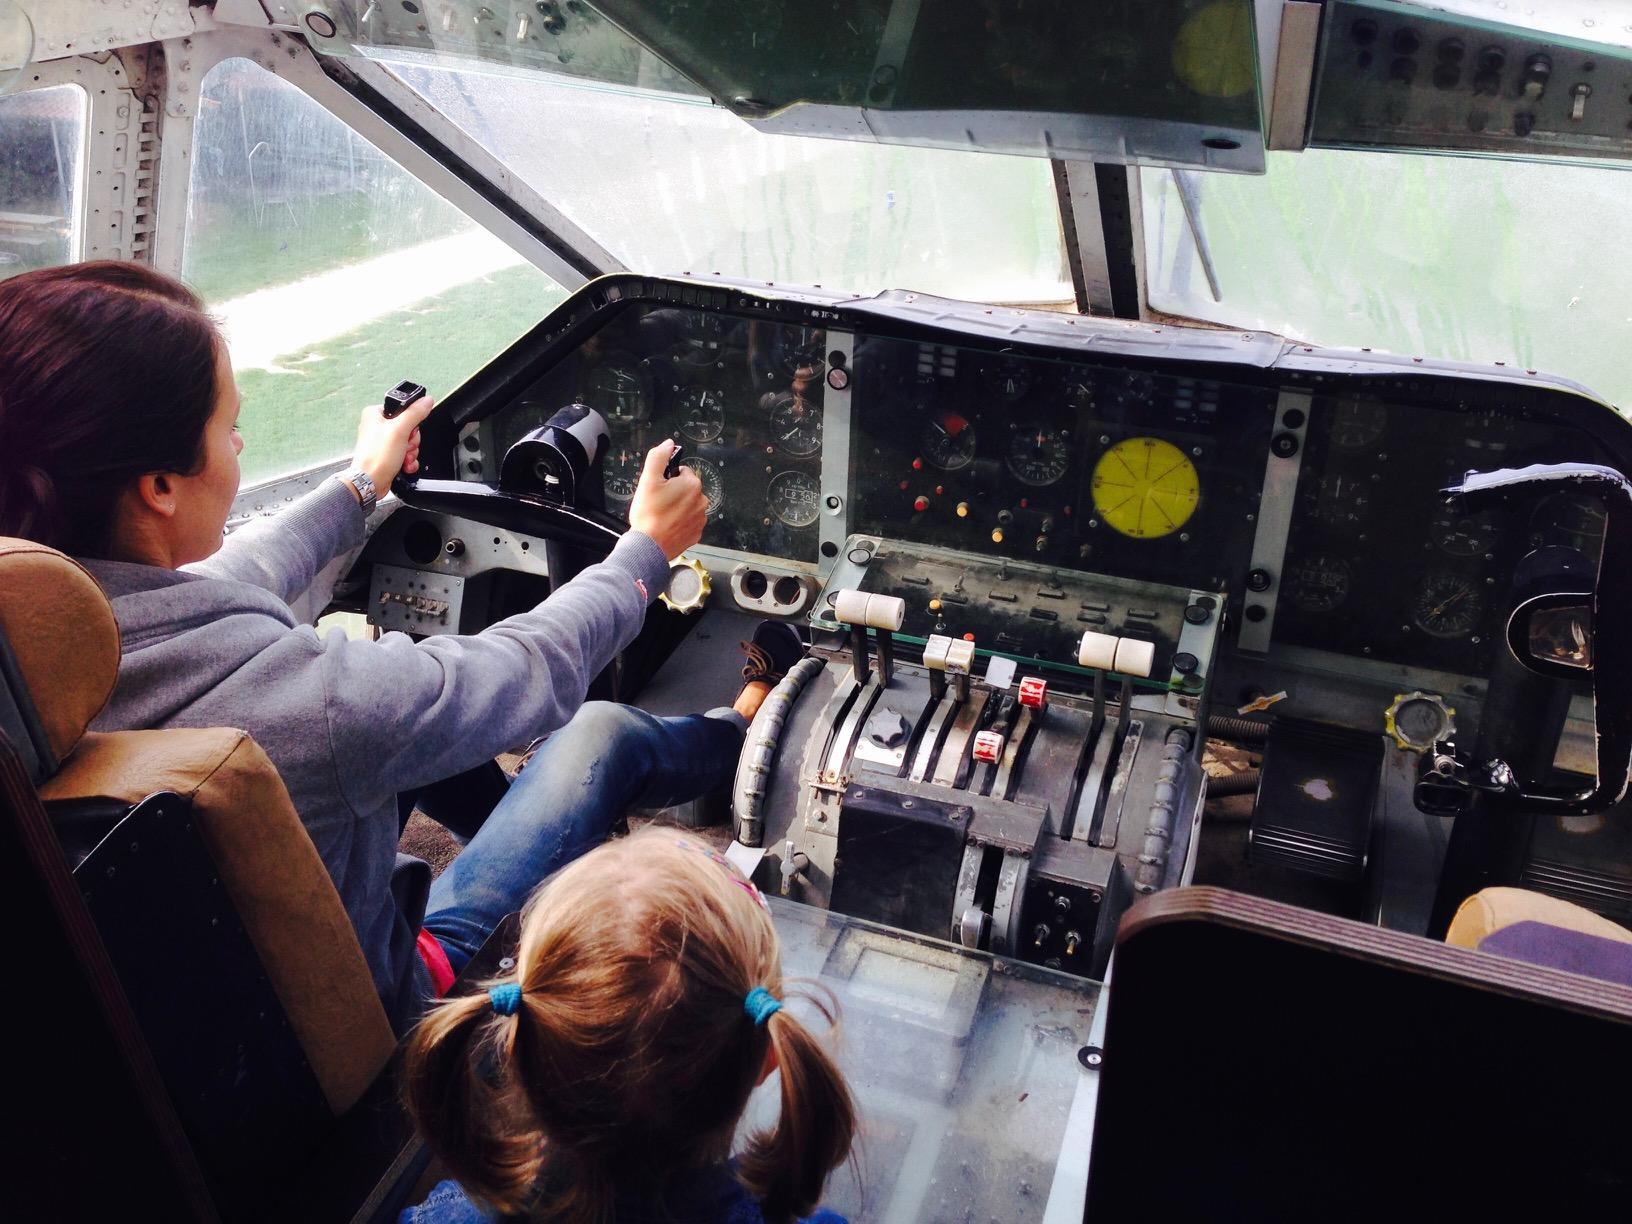 Spielen im Flugzeugcockpit eines bespielbaren alten Flugzeugs im Irrland in Kevelaer